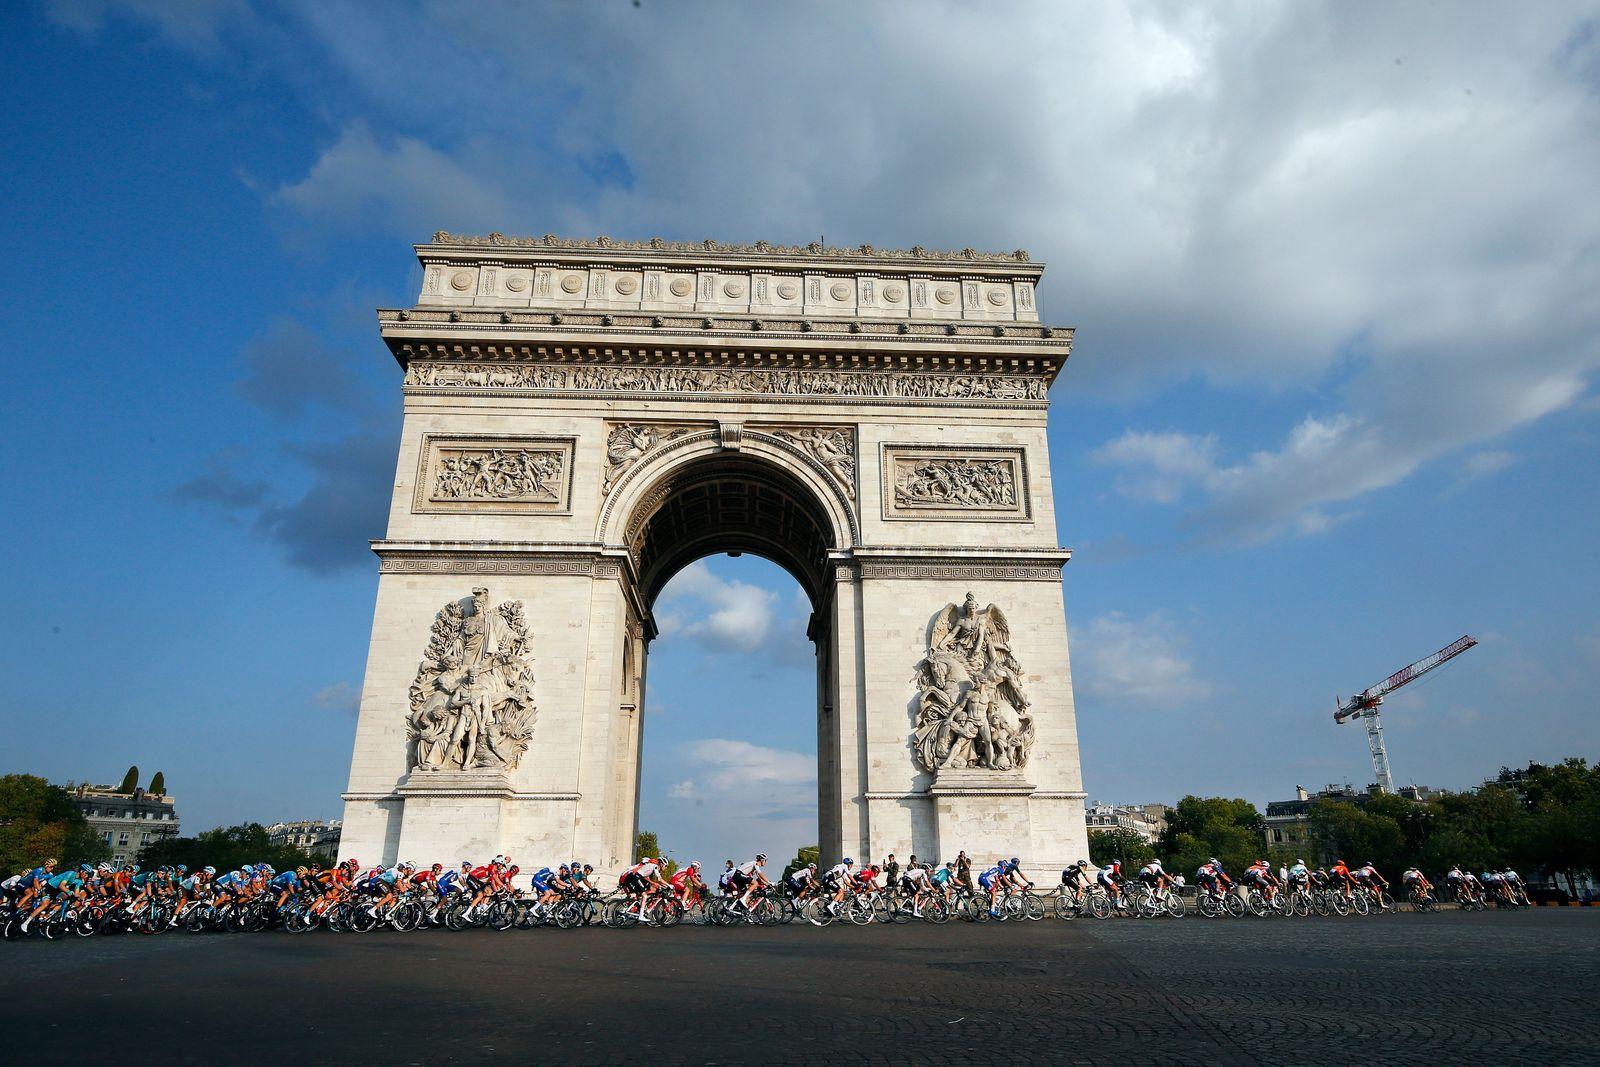 Tour de France 2020 - 21st stage, Paris - 20 Sep 2020